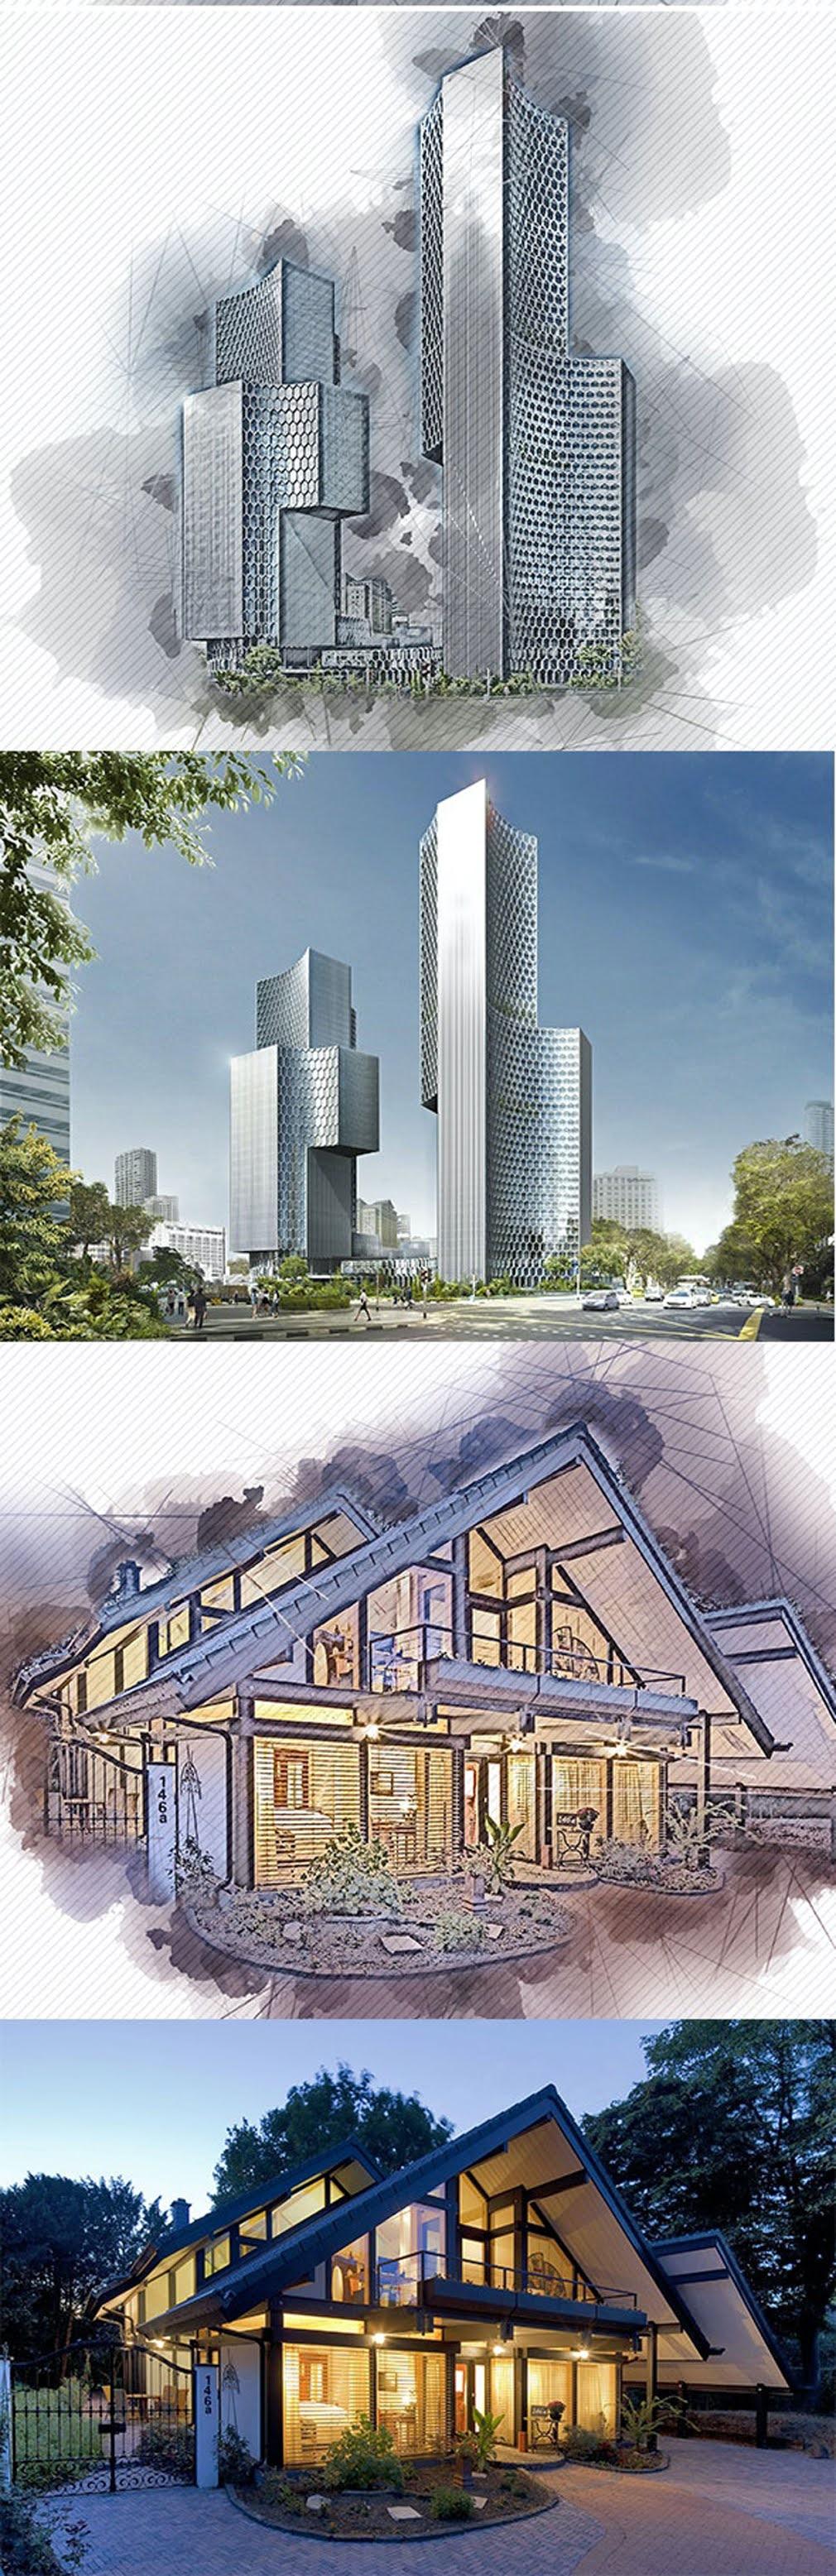 Architecture Photoshop Action 26555584